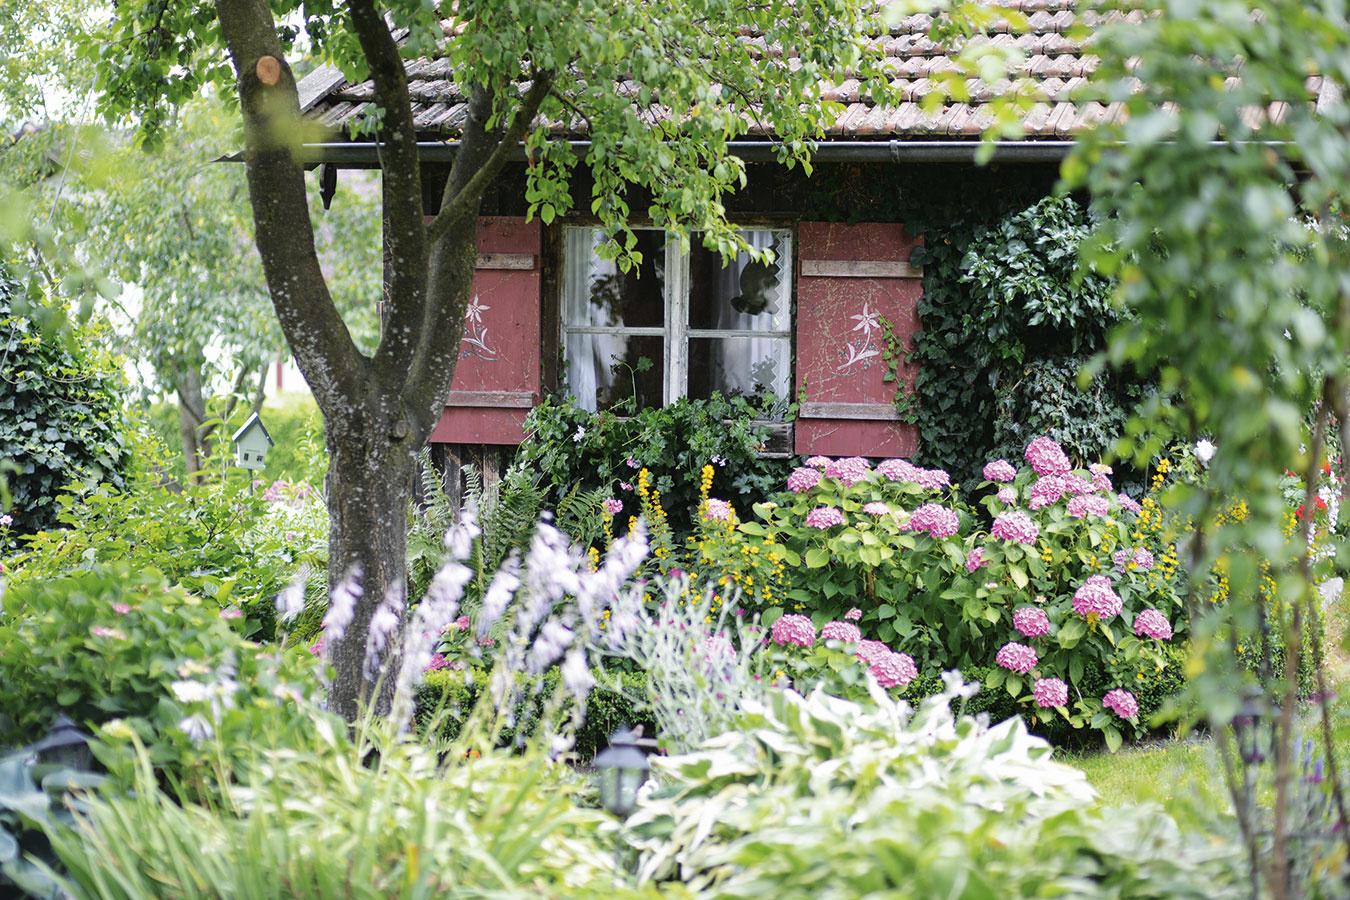 Nebojte sa farieb Niekedy sa pri troche kreativity môže aj zo starej ošarpanej kôlne stať ukážková záhradná stavba. Farby a rovnako aj rastliny dokážu skutočné divy. Drobné nedostatky zamaskujú a pohľady odpútajú rozložitejšie a bohatšie kvitnúce rastliny, napríklad hortenzie, popínavý brečtan a papraďorasty, ktorým sa darí v polotieni.